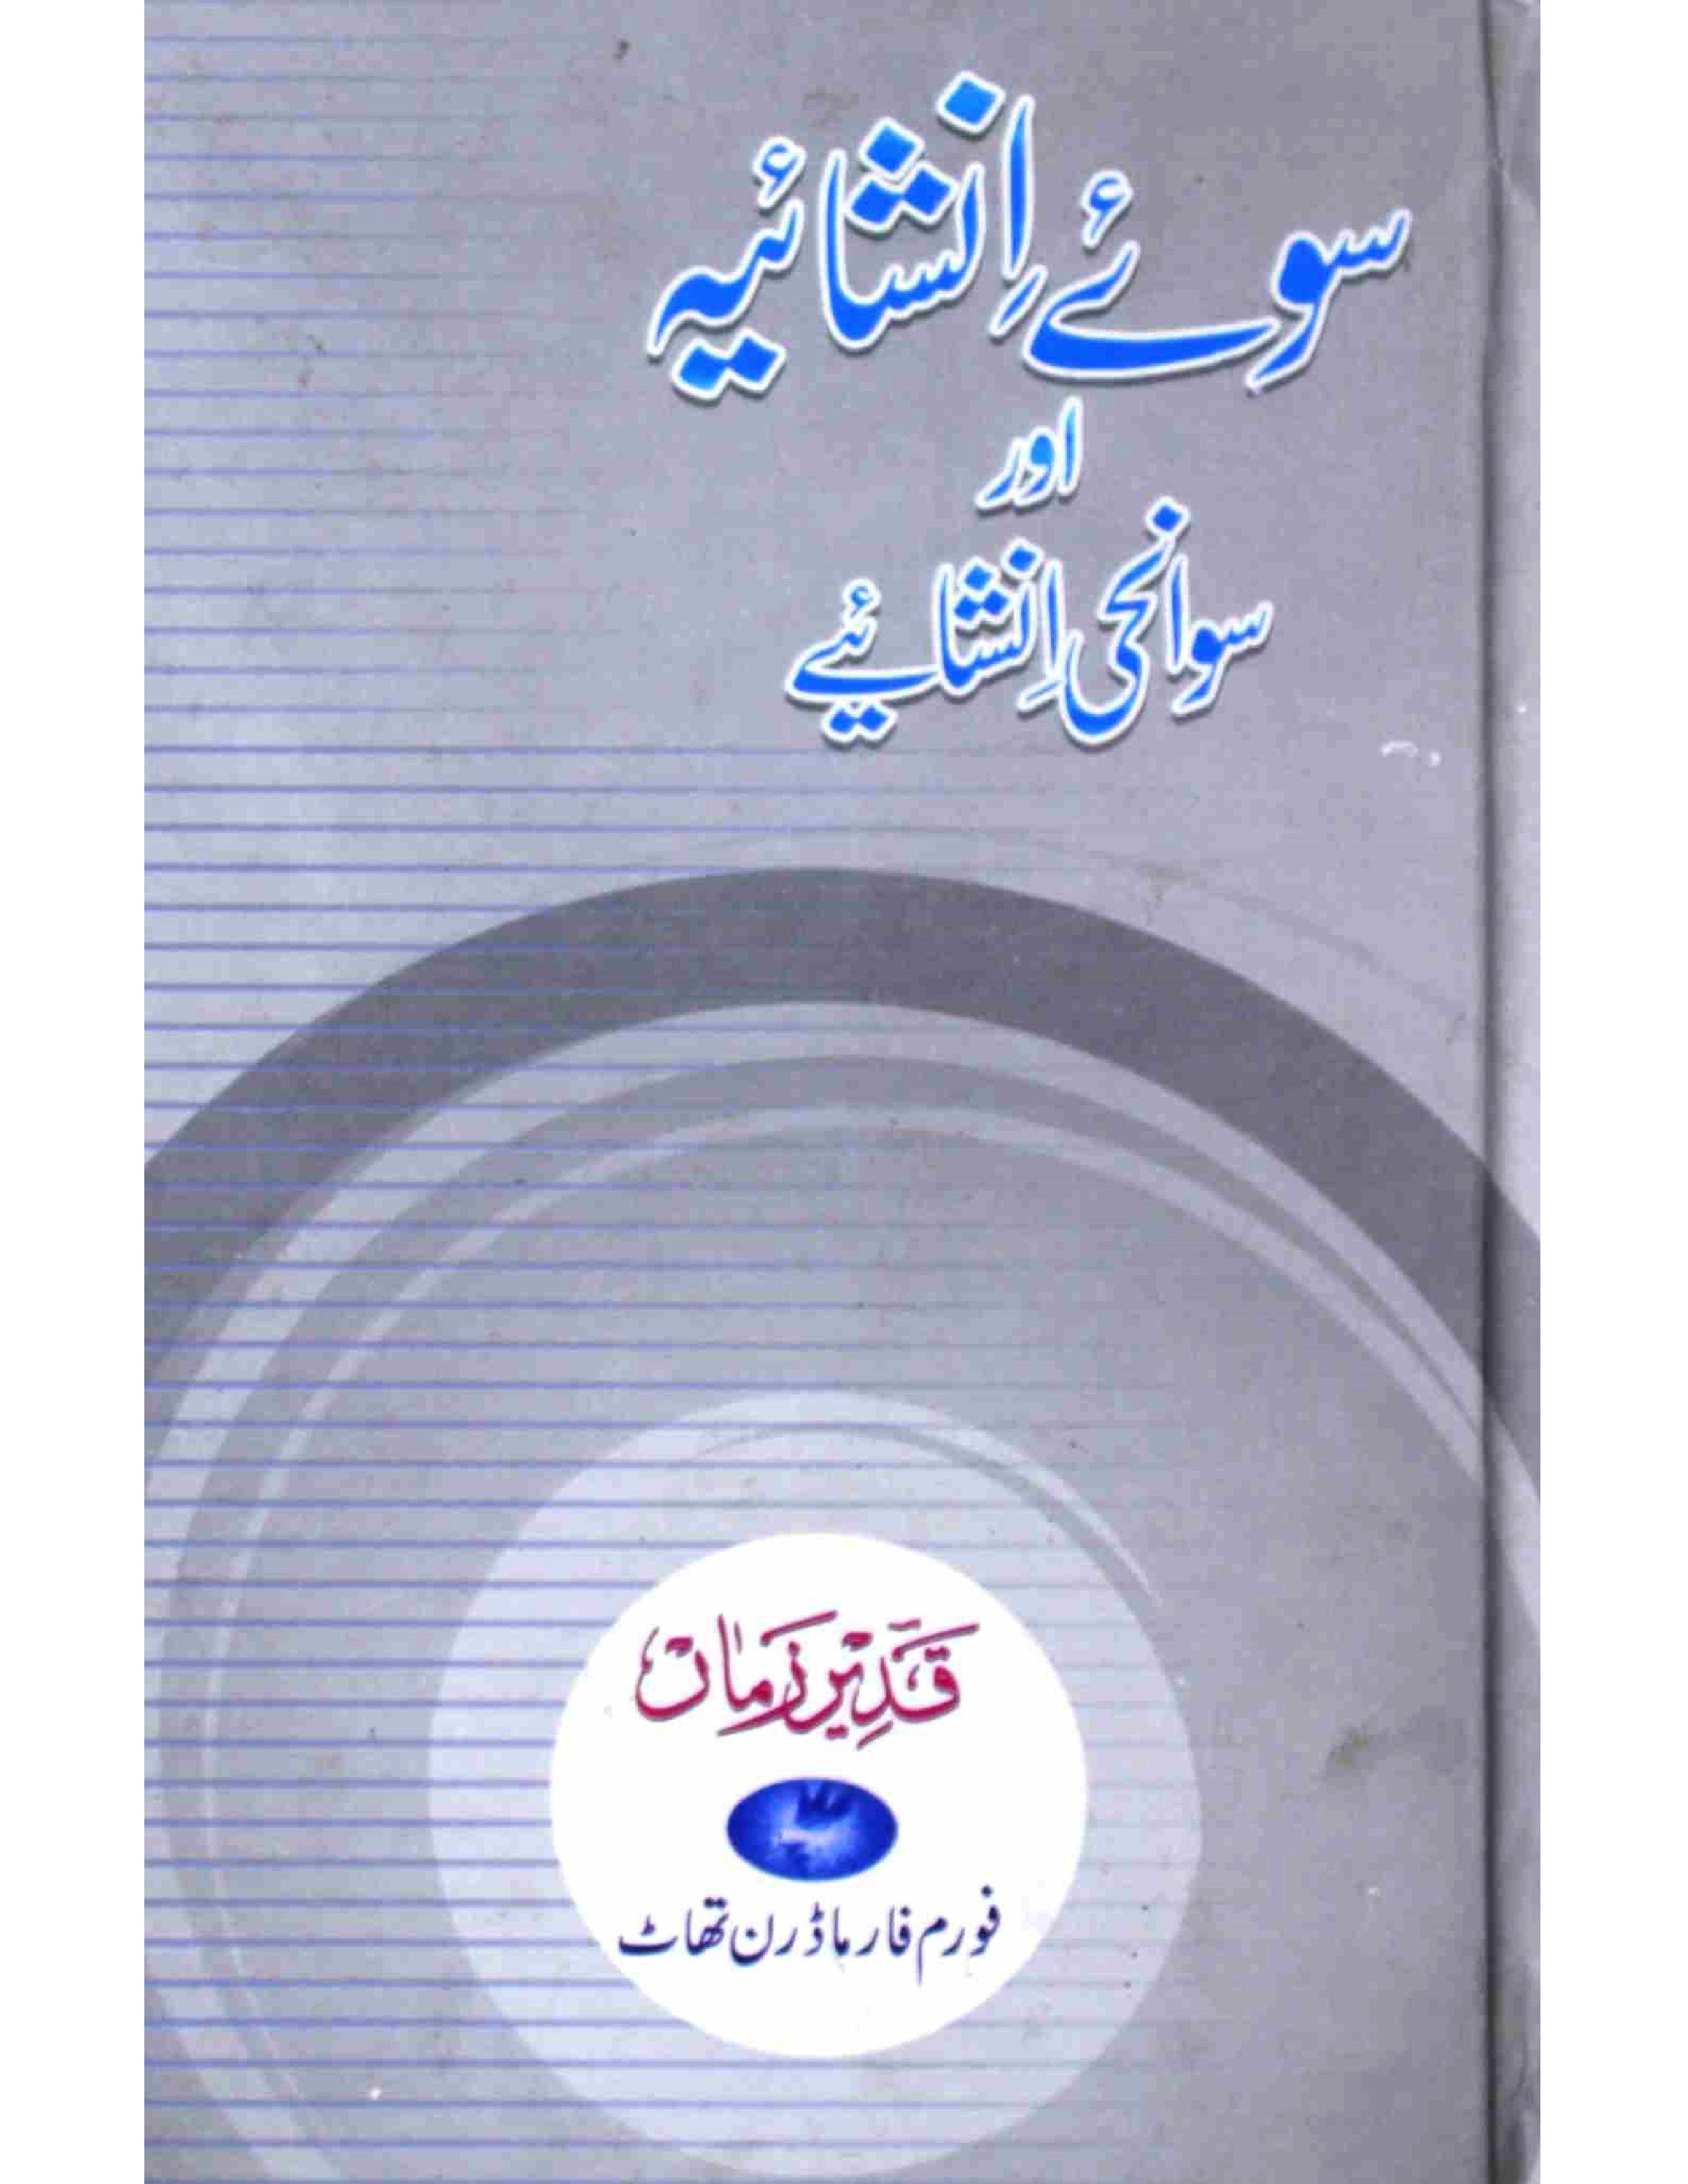 Su-e-Inshaiya Aur Sawanihi Inshaiye